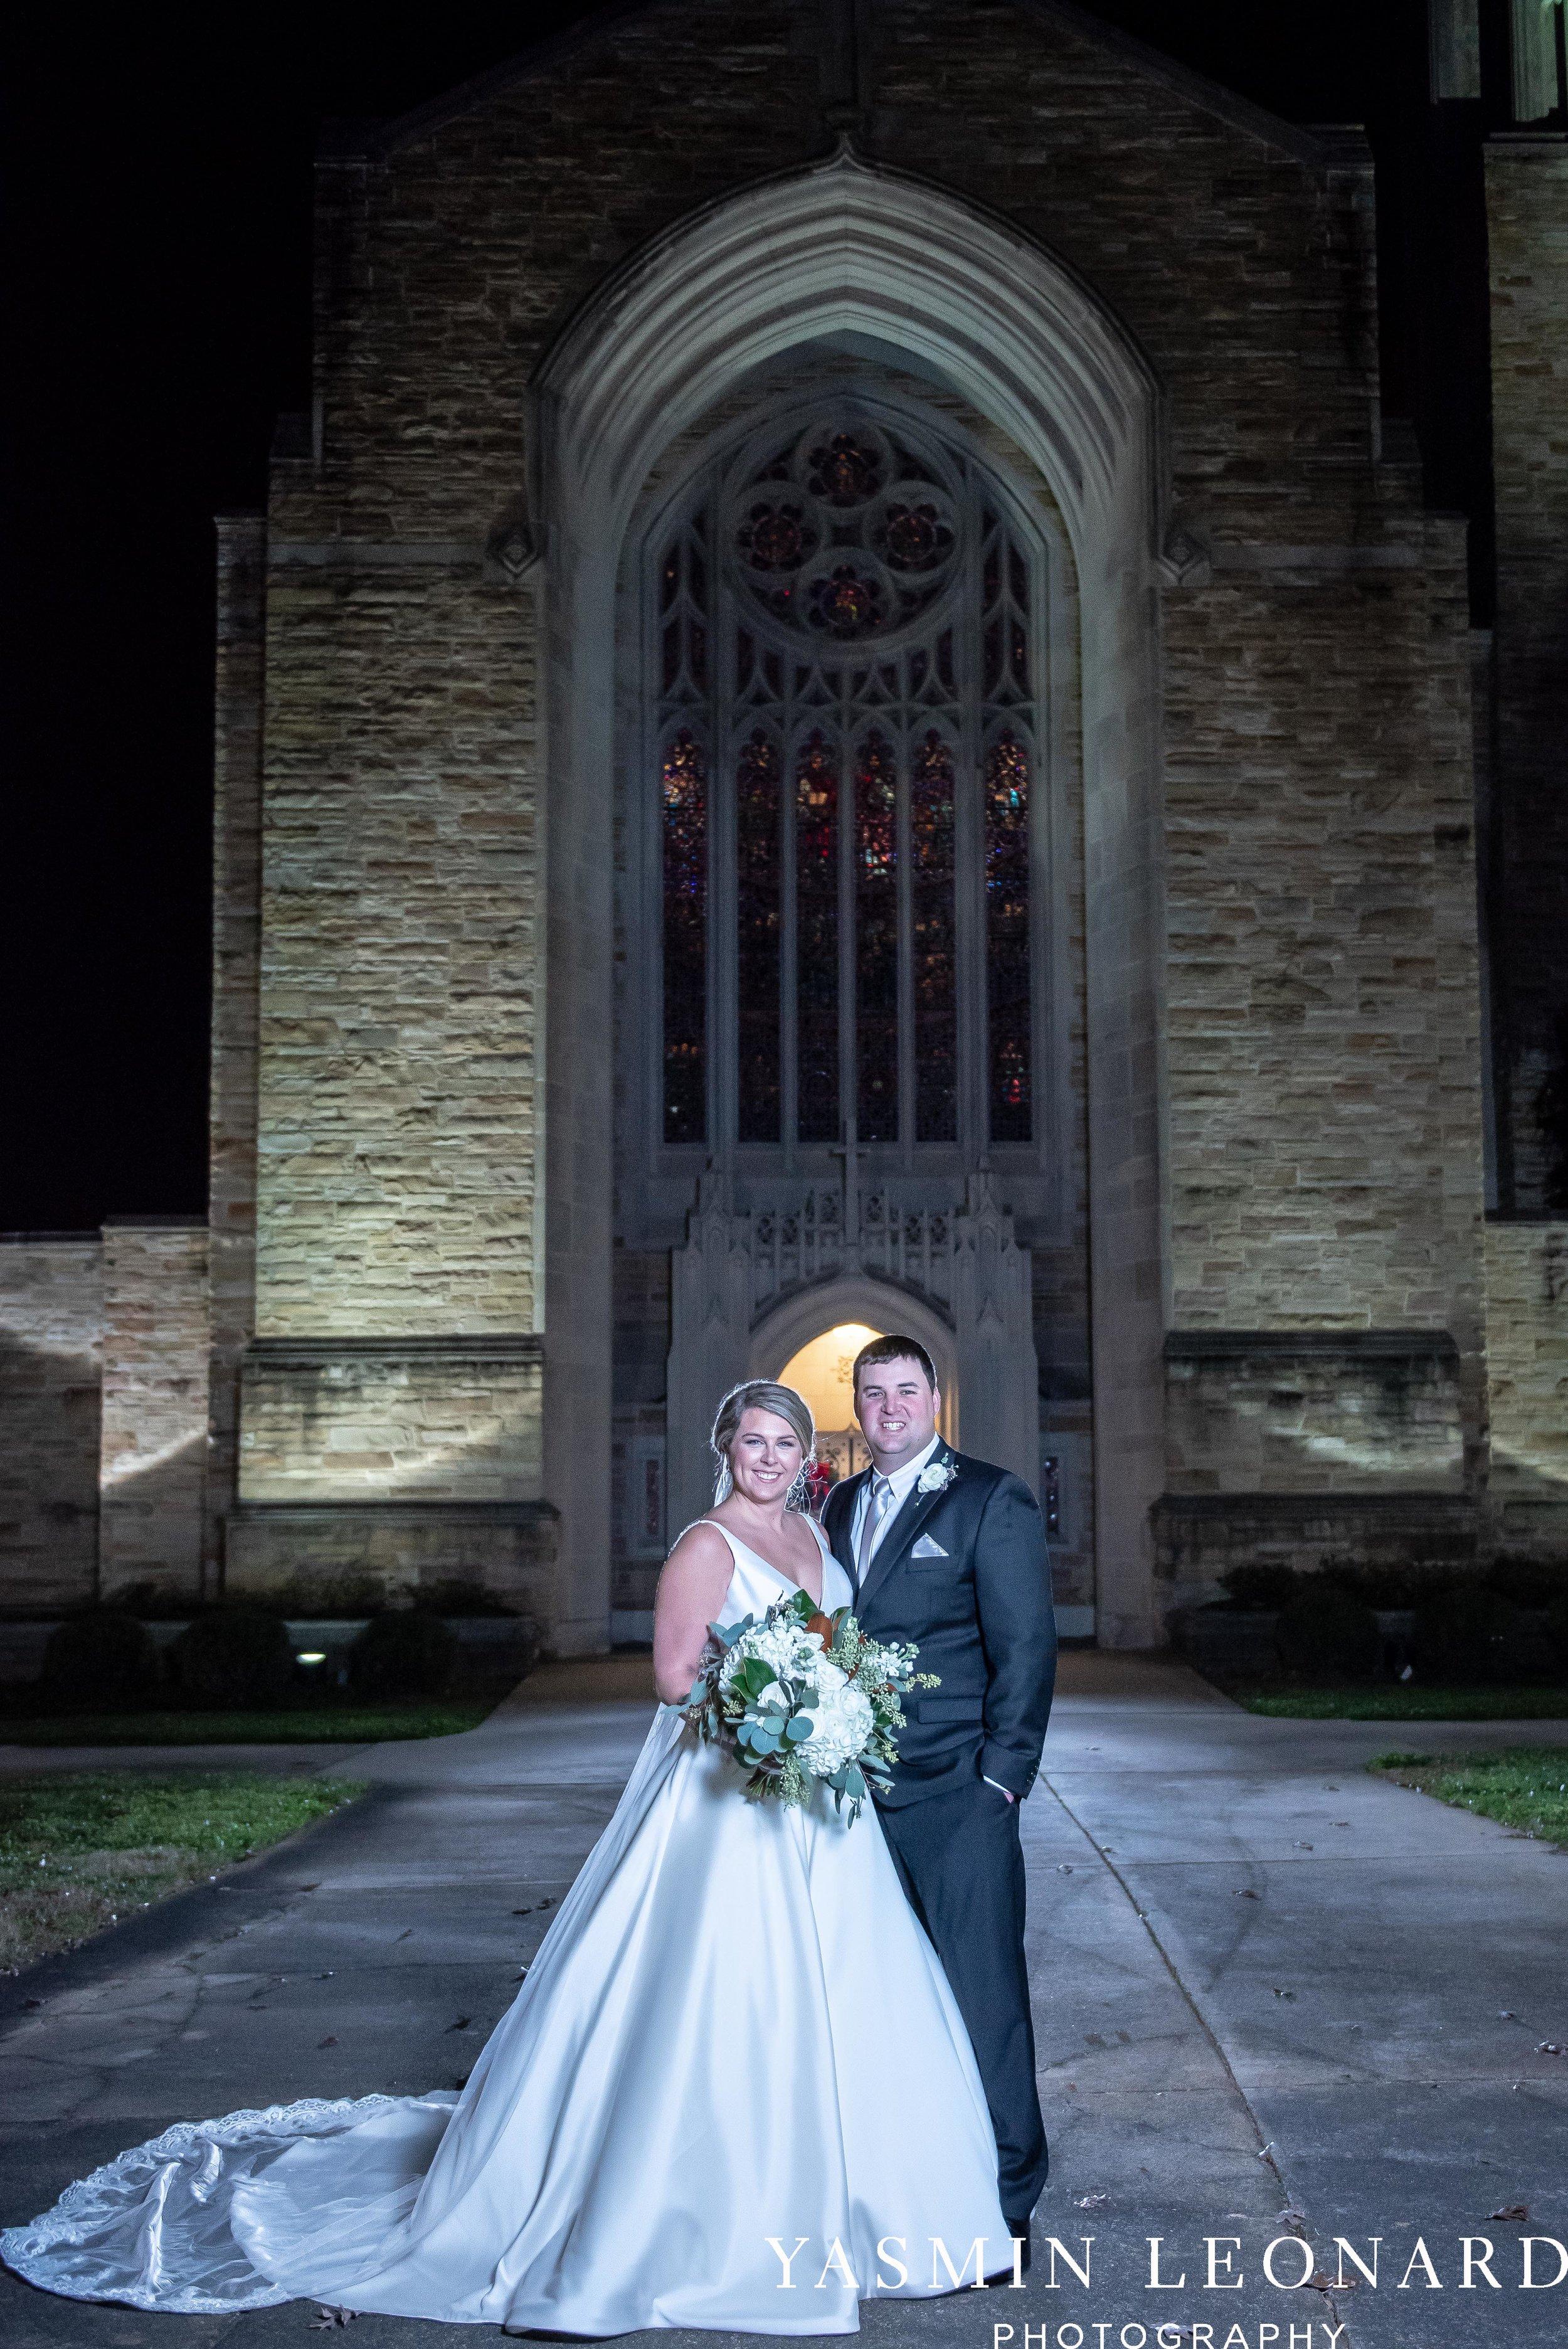 Adaumont Farm - Wesley Memorial Weddings - High Point Weddings - Just Priceless - NC Wedding Photographer - Yasmin Leonard Photography - High Point Wedding Vendors-50.jpg